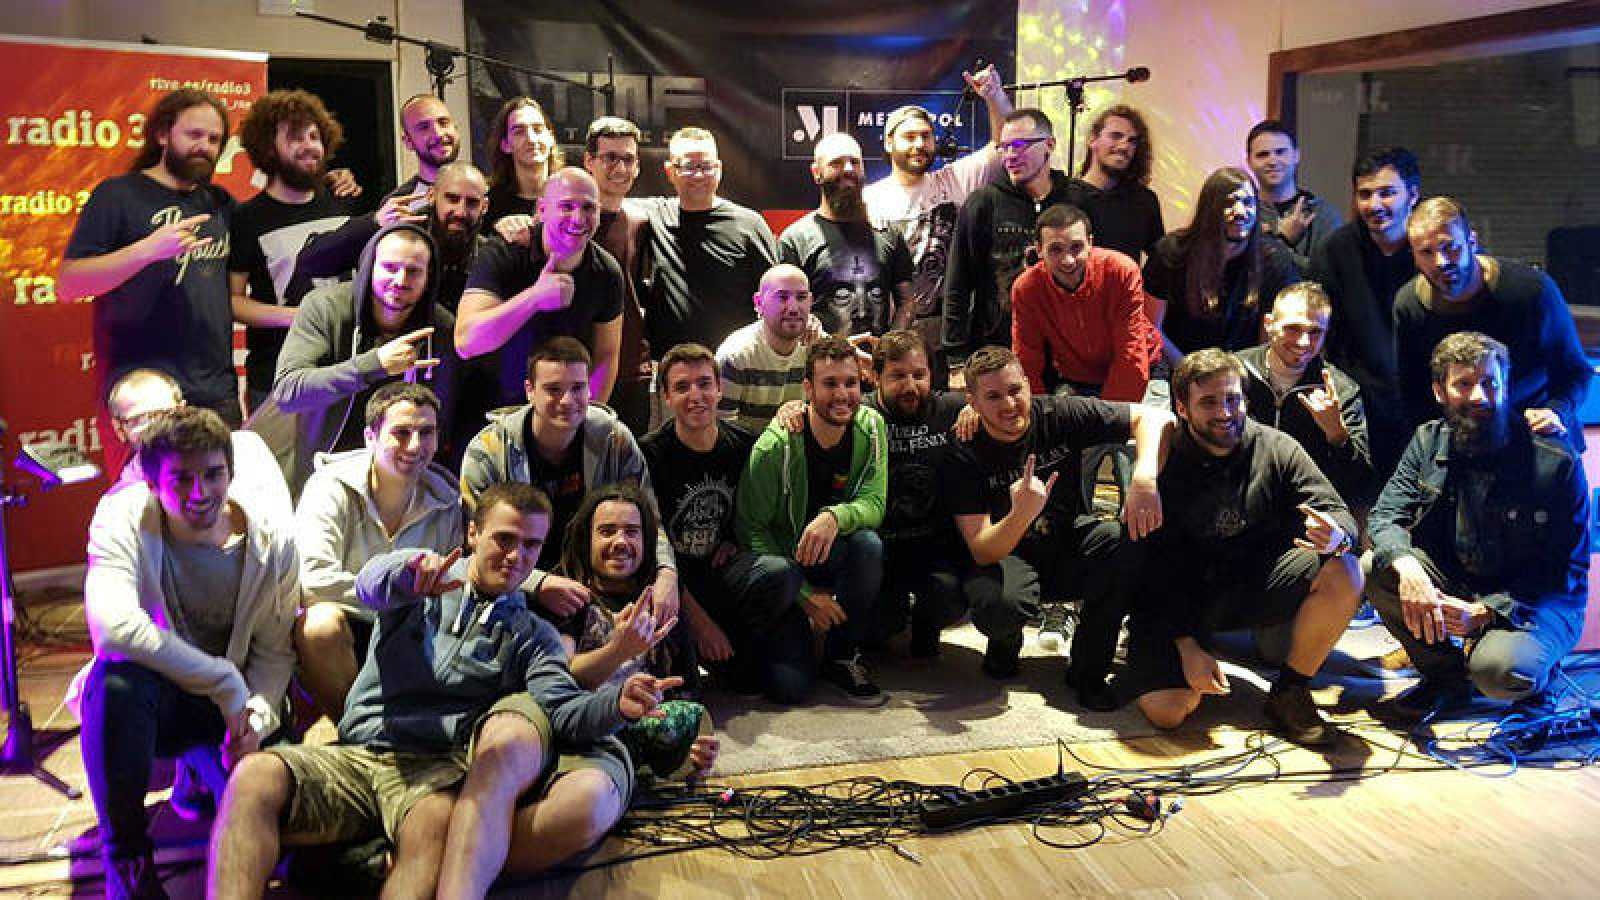 Foto de familia de la final de La Factoría del Fénix con las cinco bandas finalistas y los miembros del jurado